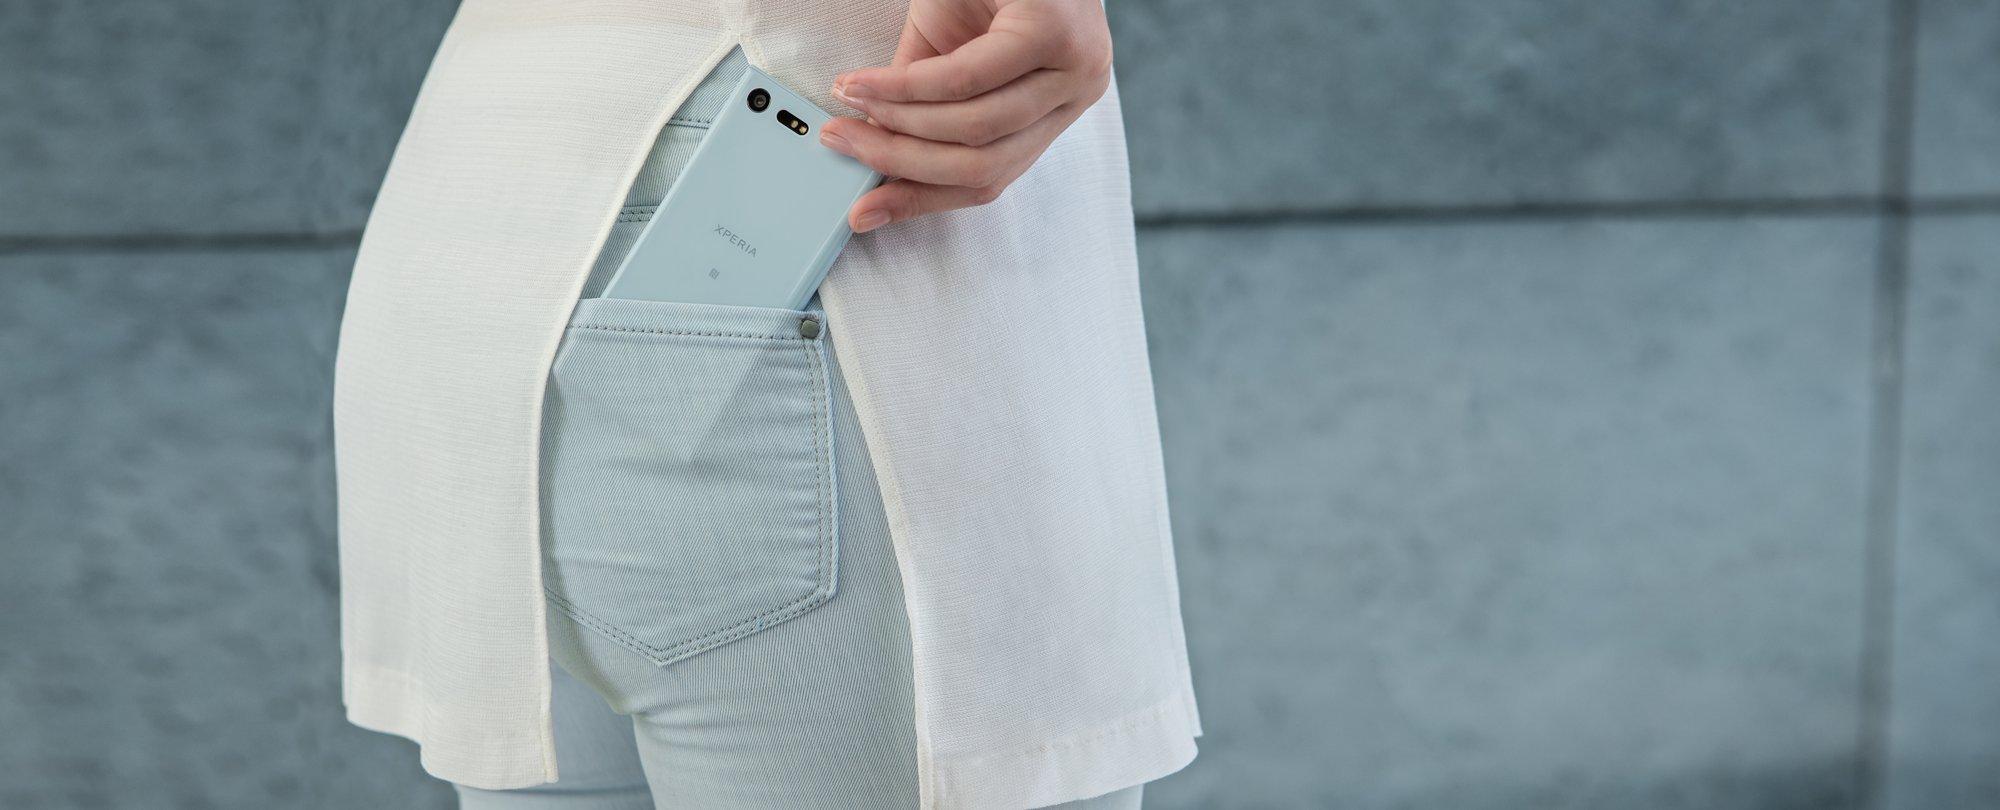 El Sony Xperia X Compact es un smartphone de 4 pulgadas